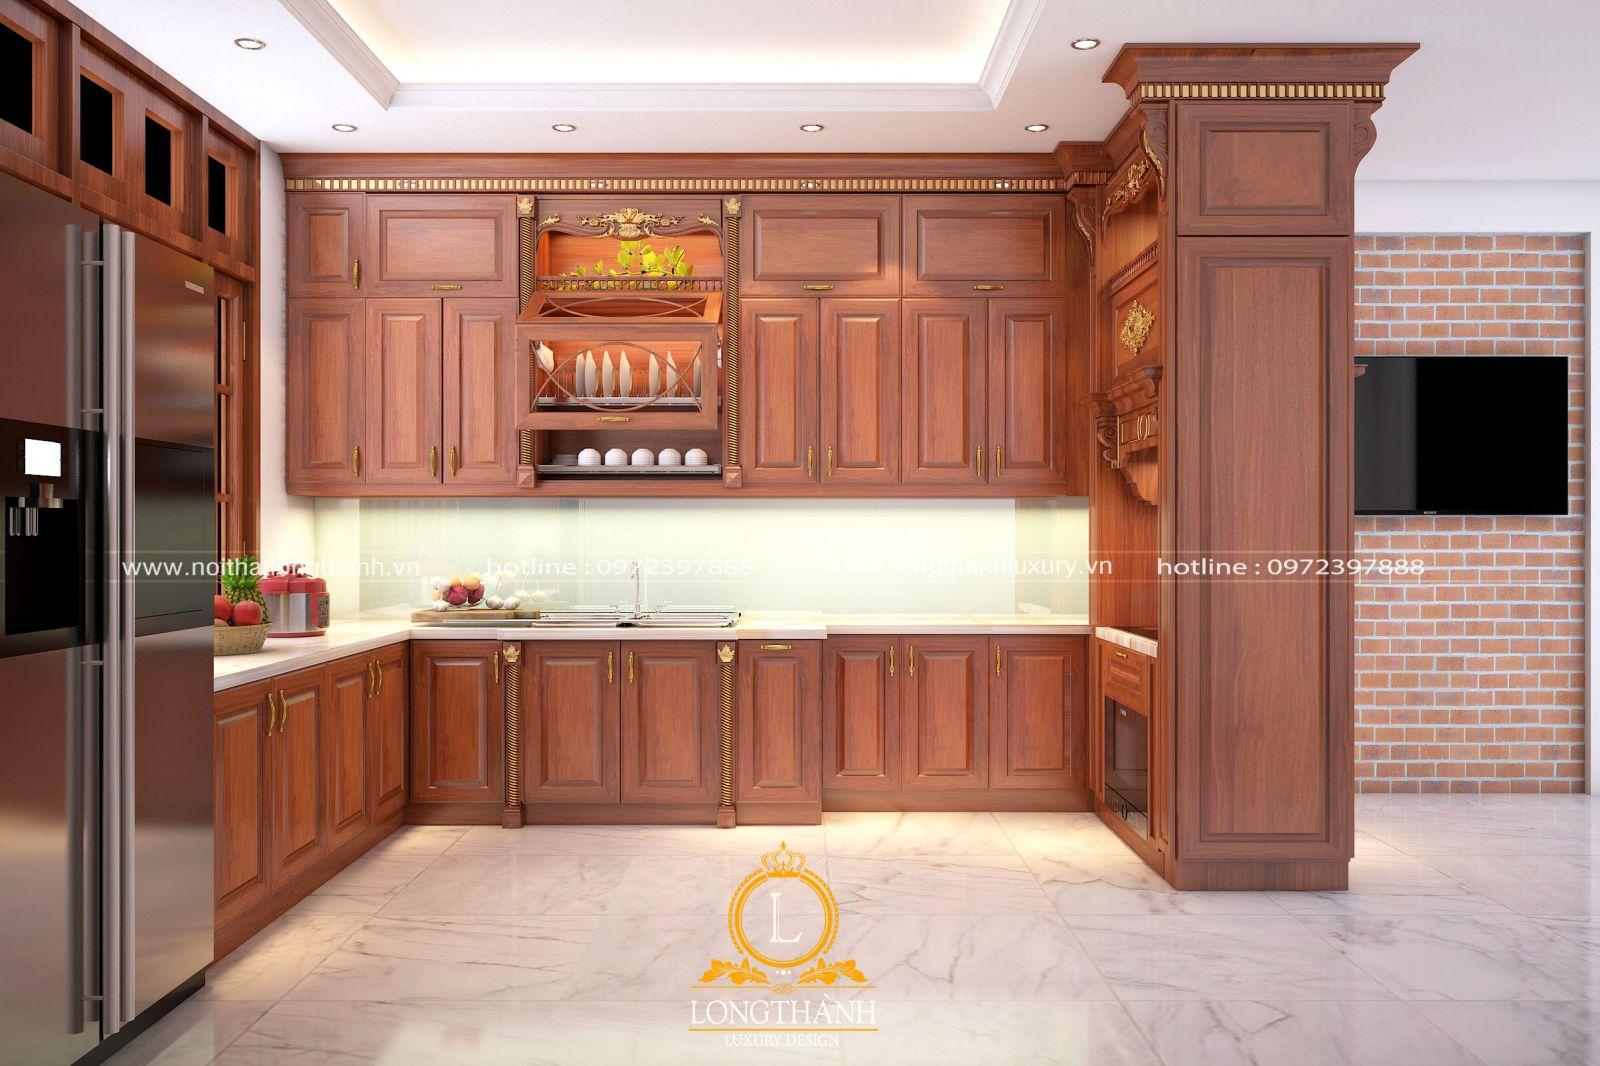 Tủ bếp đẹp thiết kế đơn giản